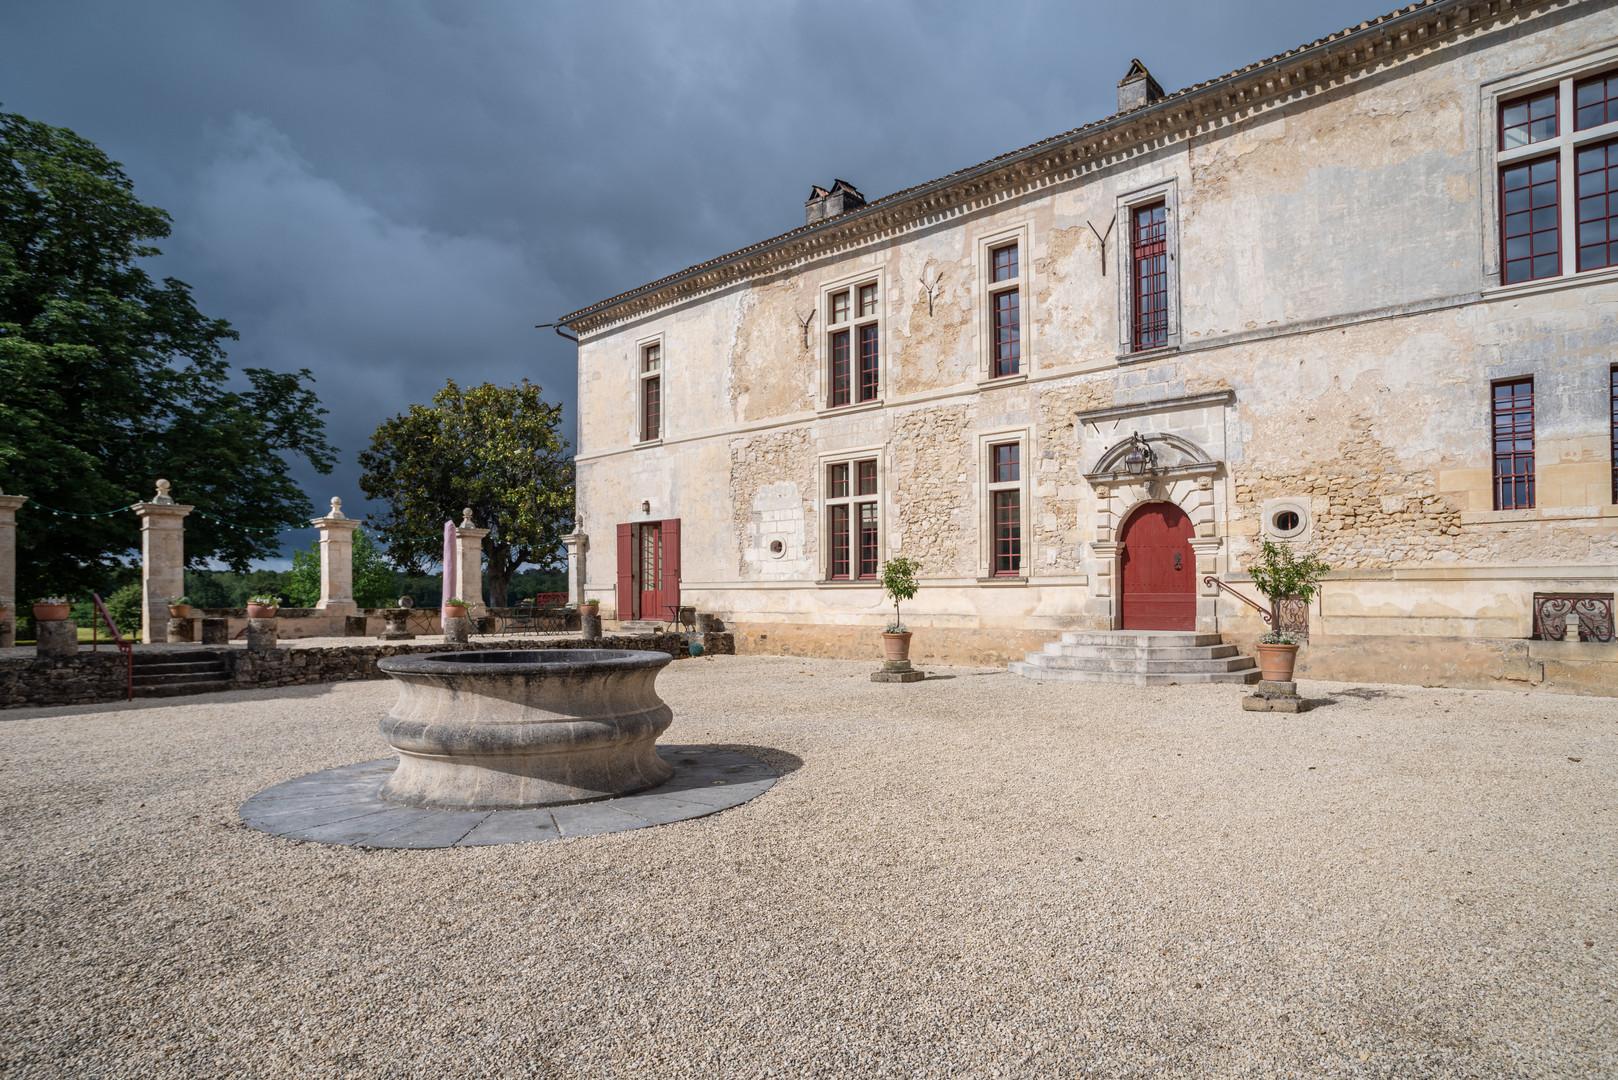 chateau-de-castelneau-36.jpg